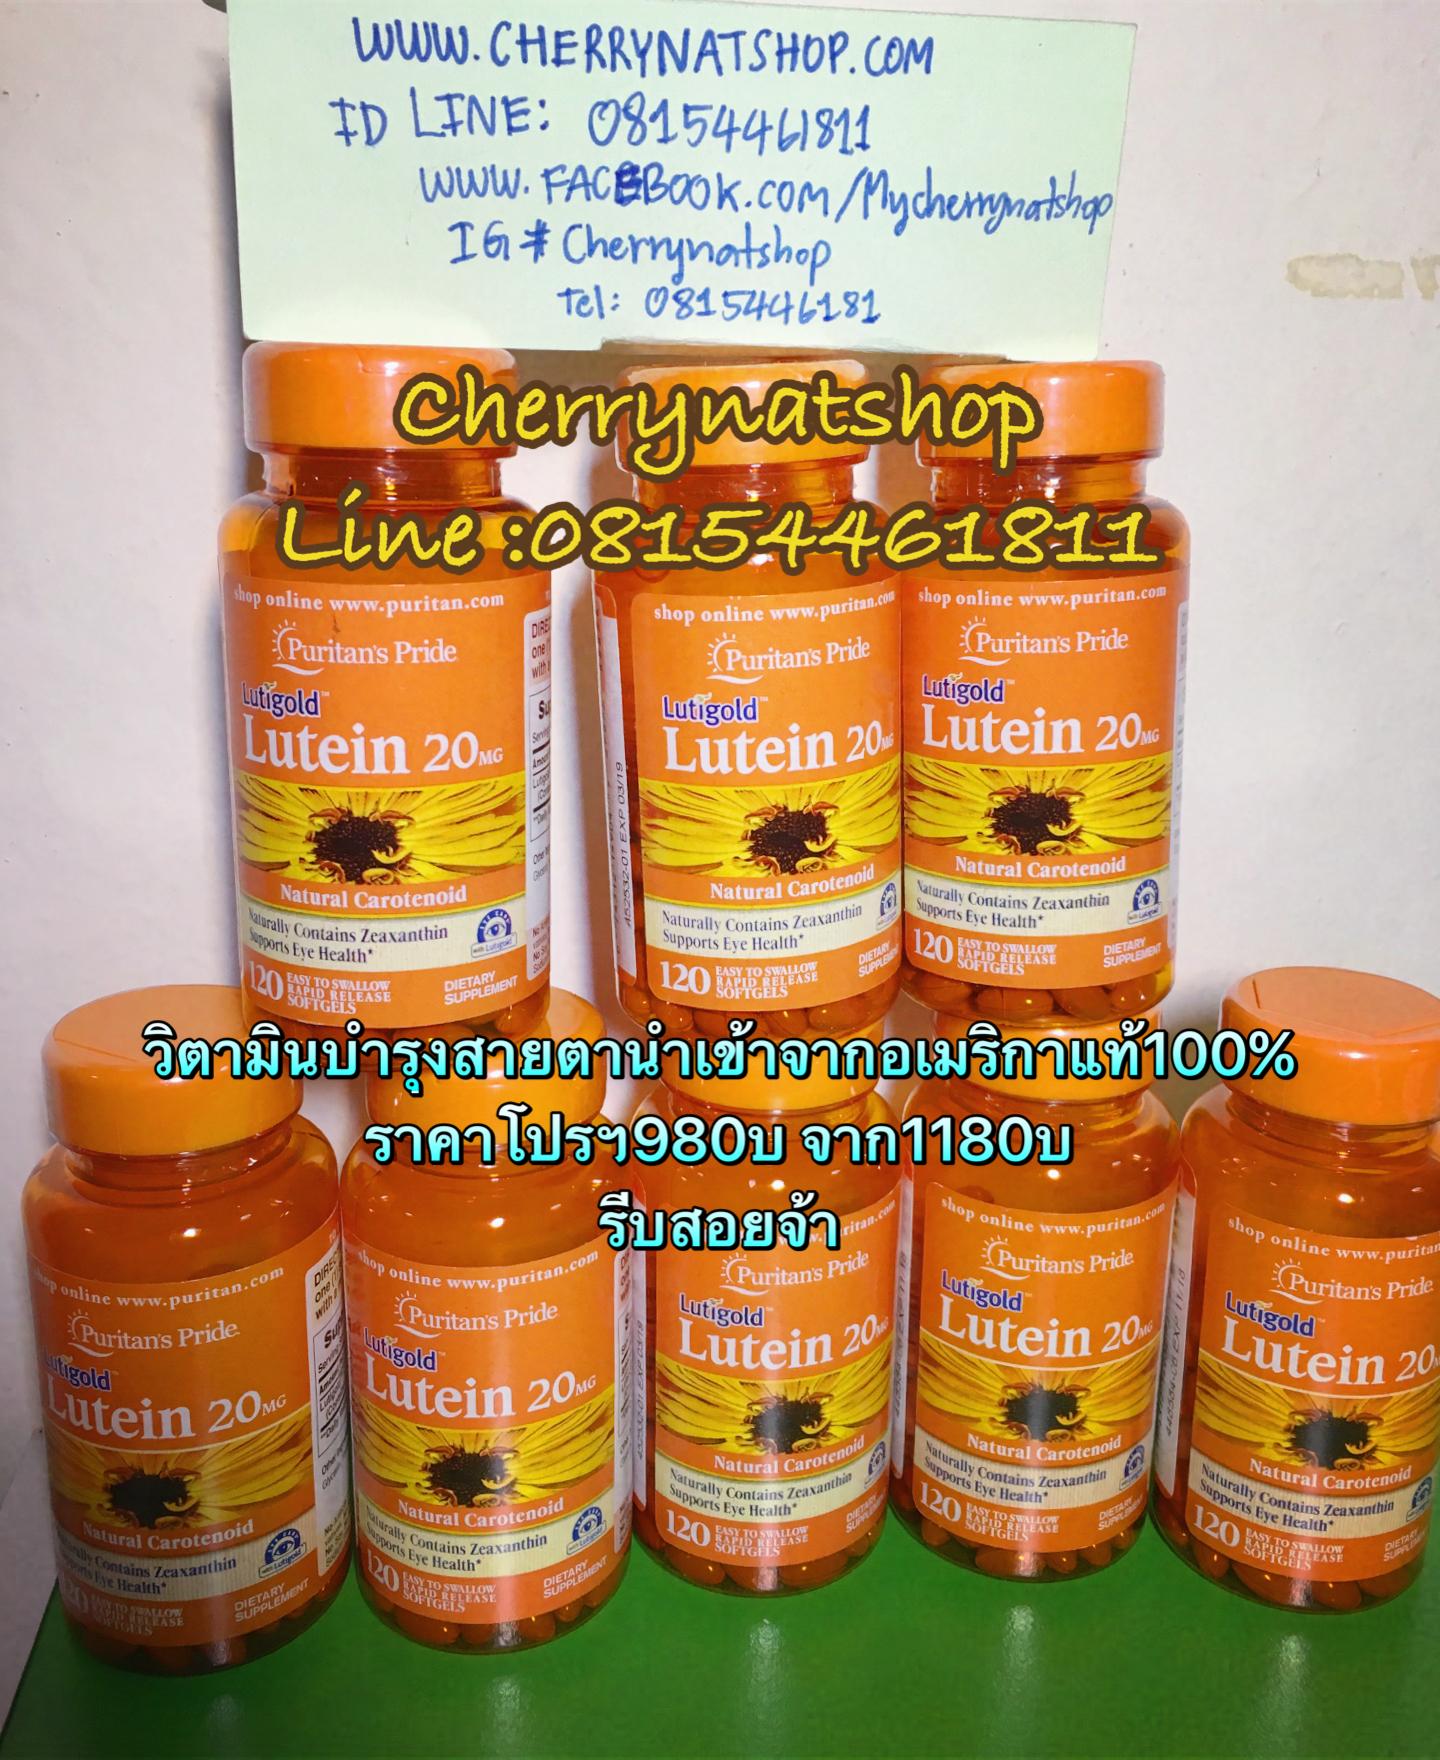 วิตามินบำรุงสายตาปกป้องจอประสาทลดการเสื่อมของจอรับภาพPuritan Pride Lutigold Lutein 20 mg Natural Carotenoid สารสกัดจากดอกดาวเรืองแท้100% จำนวน120เม็ด จากอเมริกาBy Cherrynatshop